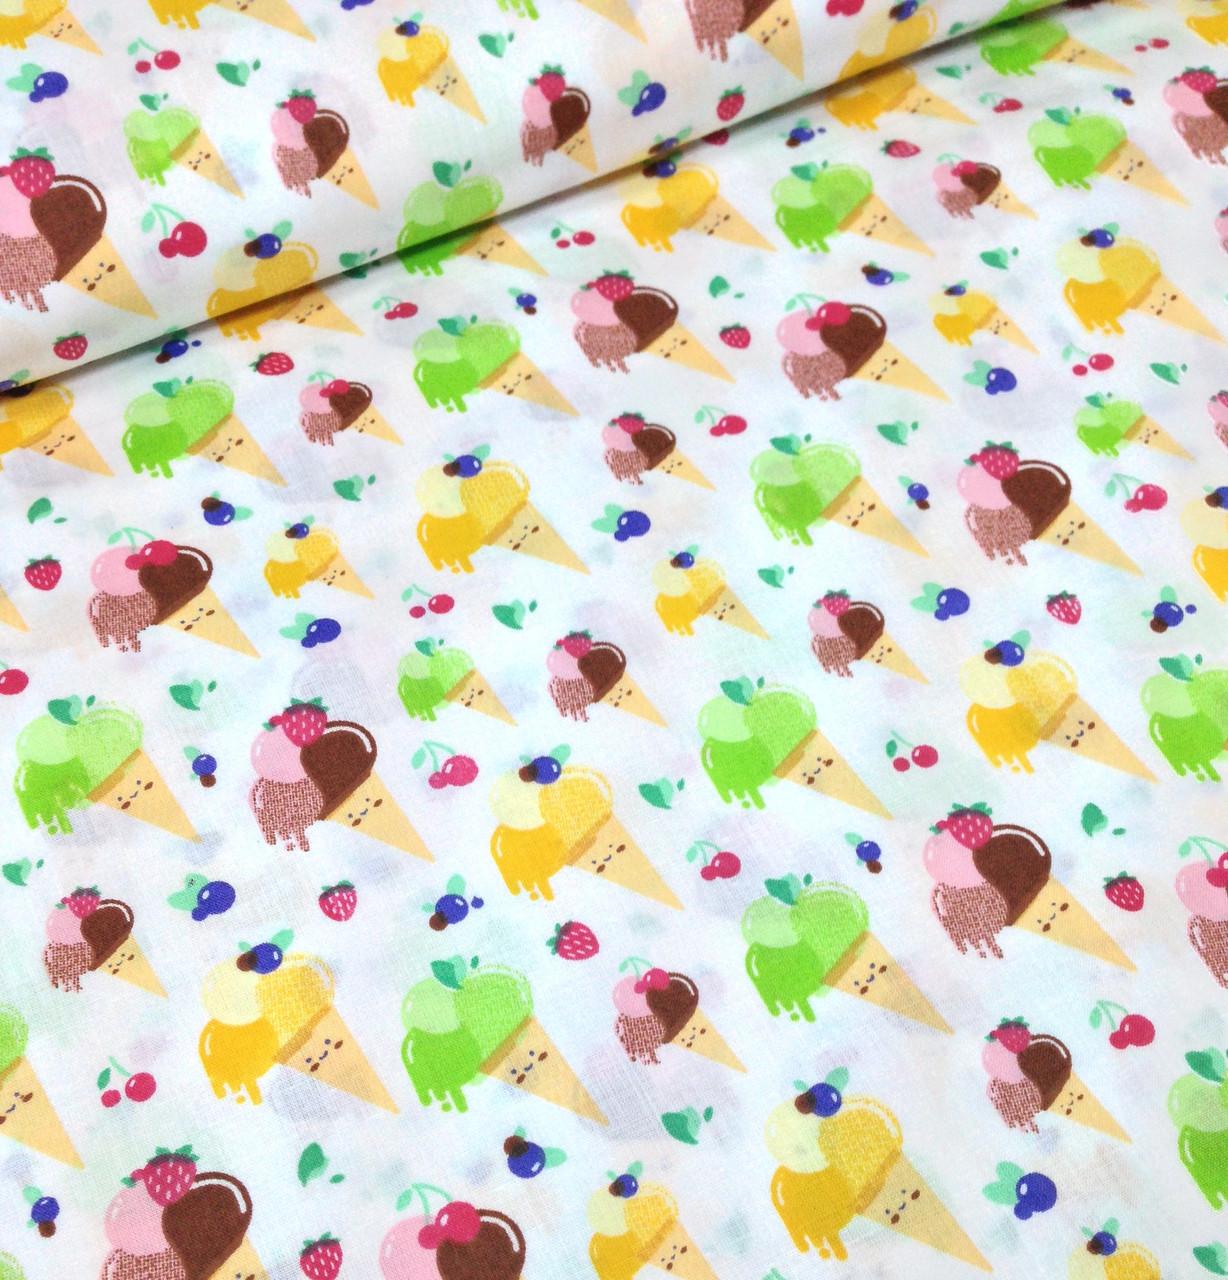 Хлопковая ткань польская мороженое в рожках желто-коричнево-салатовое на белом №354